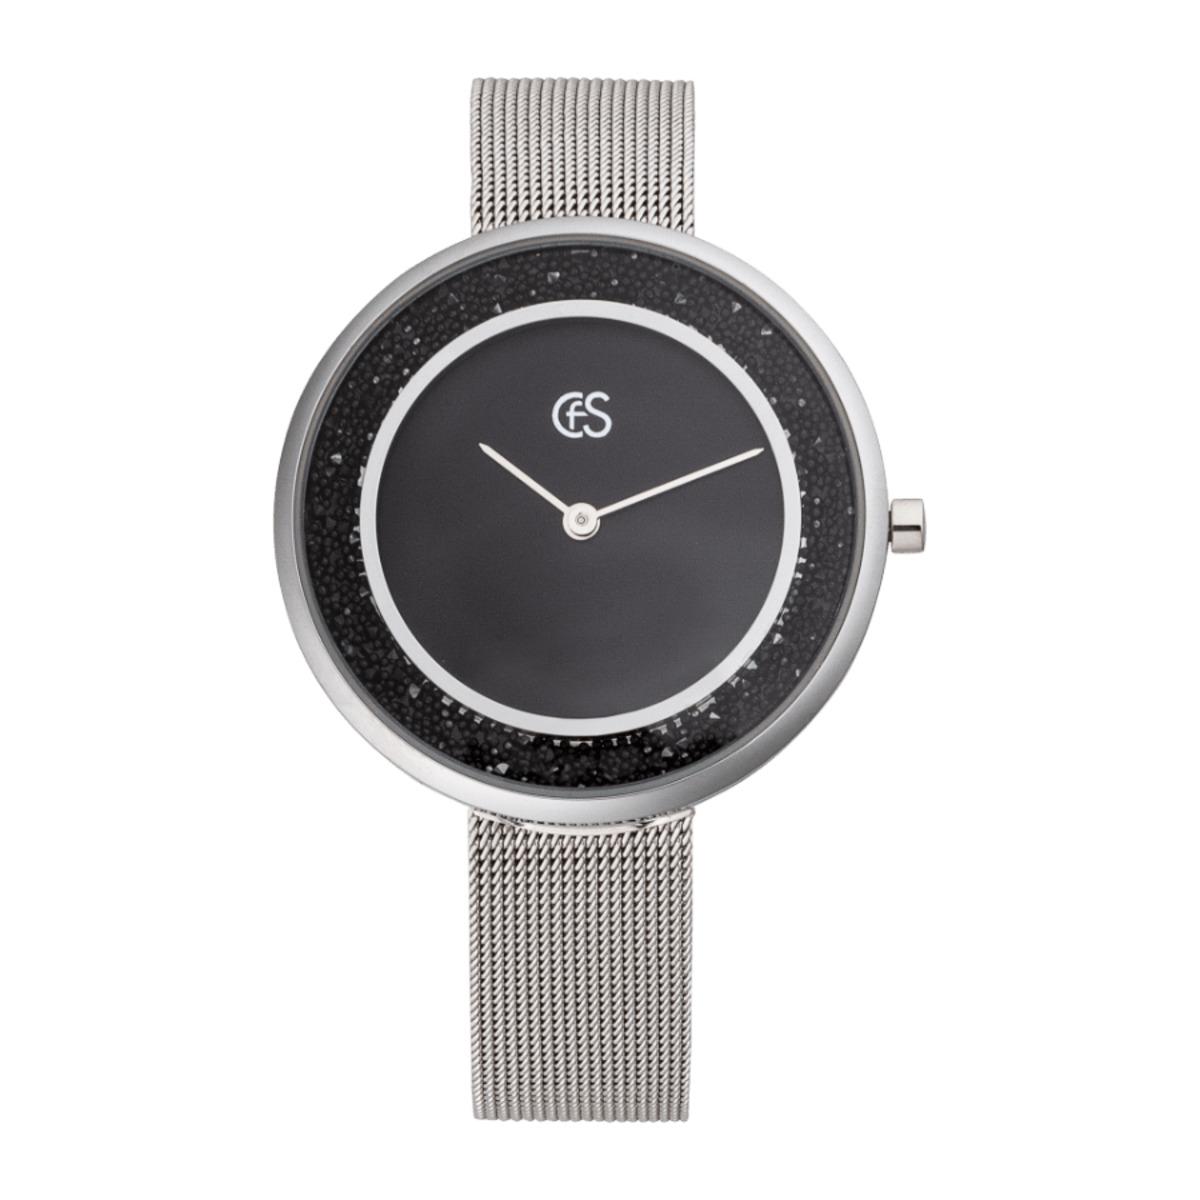 Bild 3 von Armbanduhr